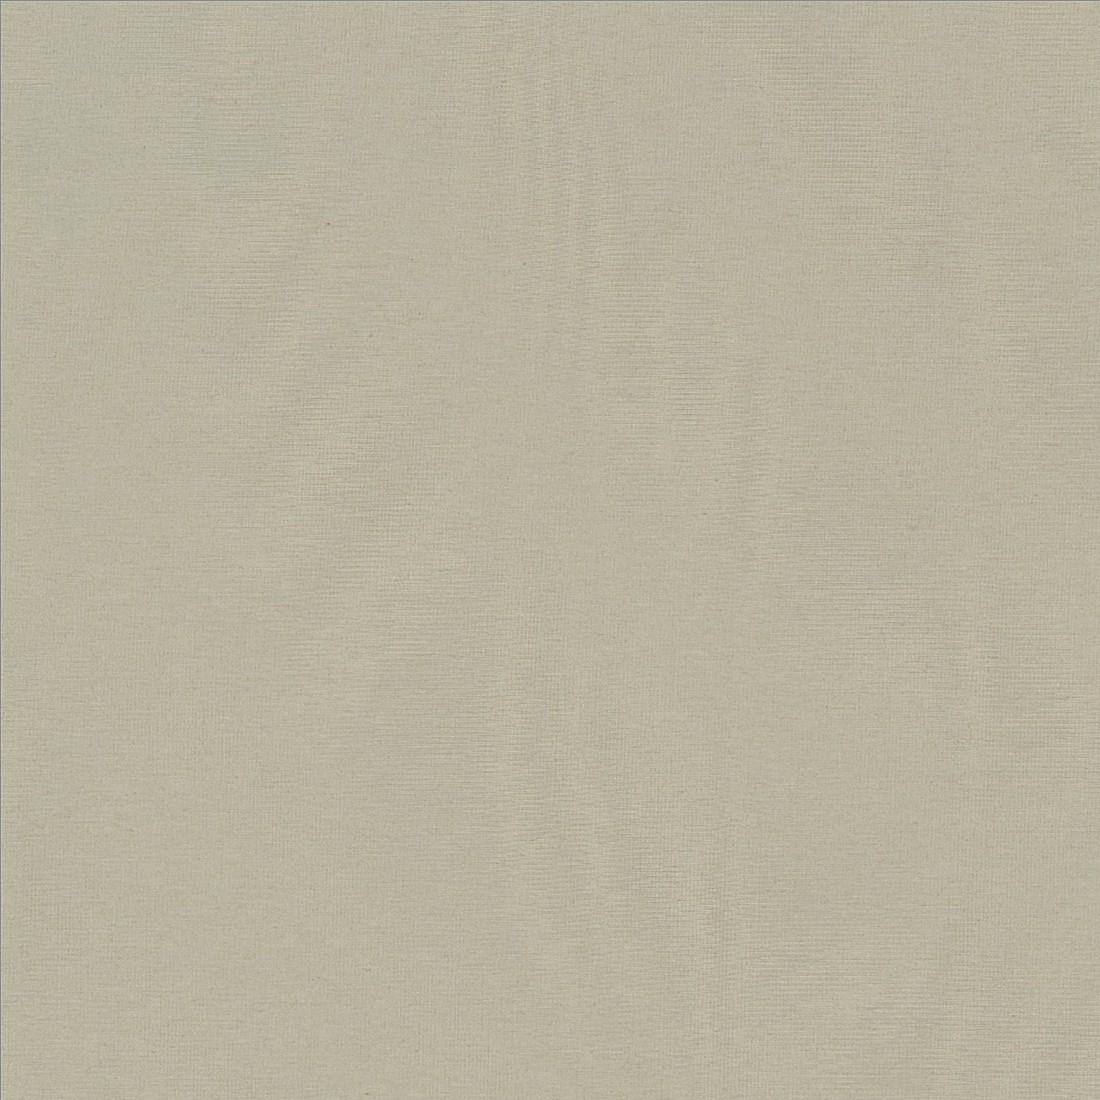 Tischdecke Country – Kiwi – 170 x 170 cm, Villeroy&Boch online bestellen